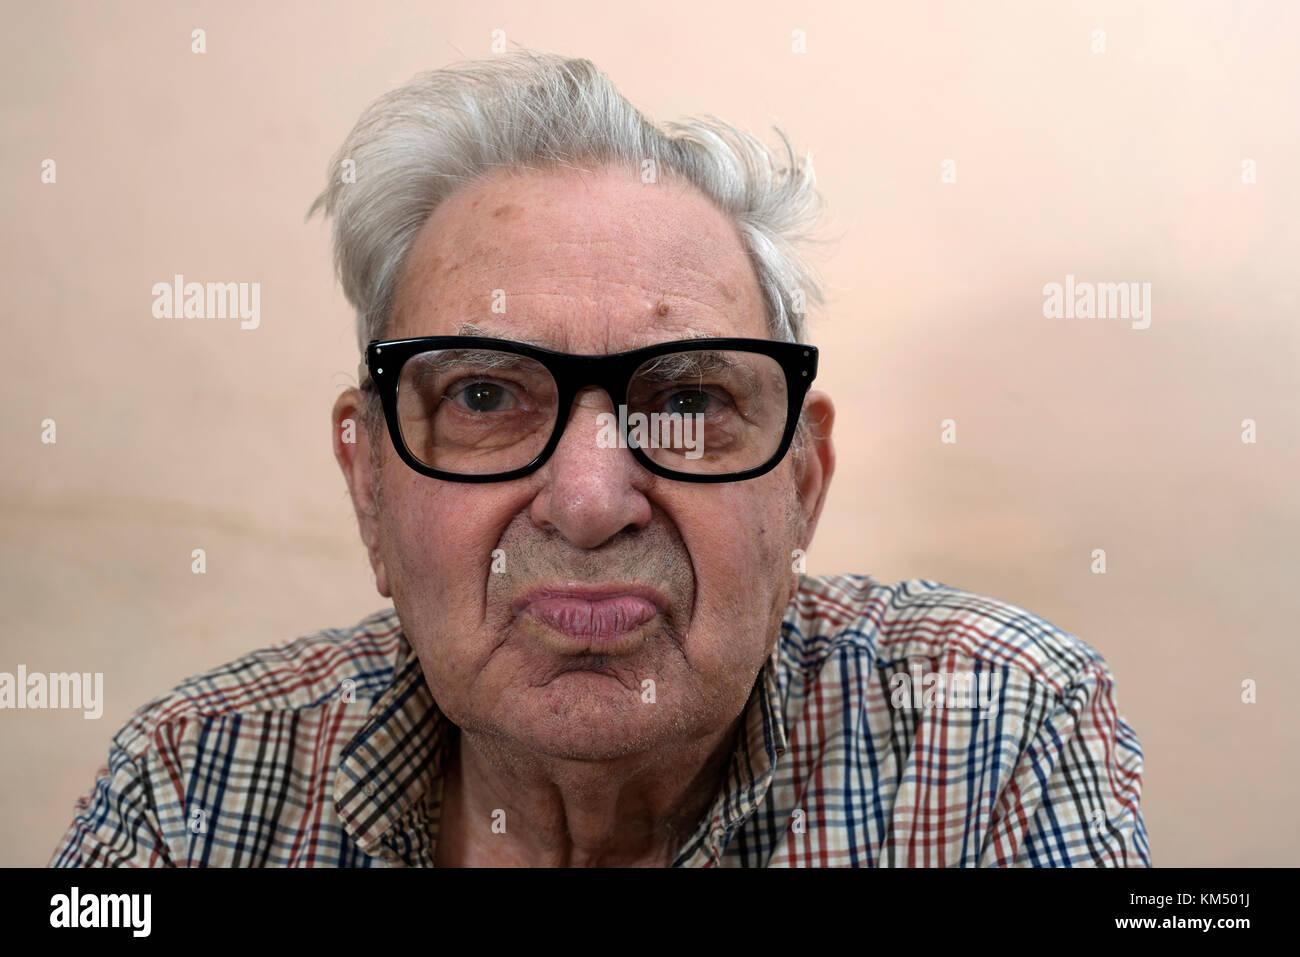 Uomo anziano con diabete di tipo 2 Immagini Stock